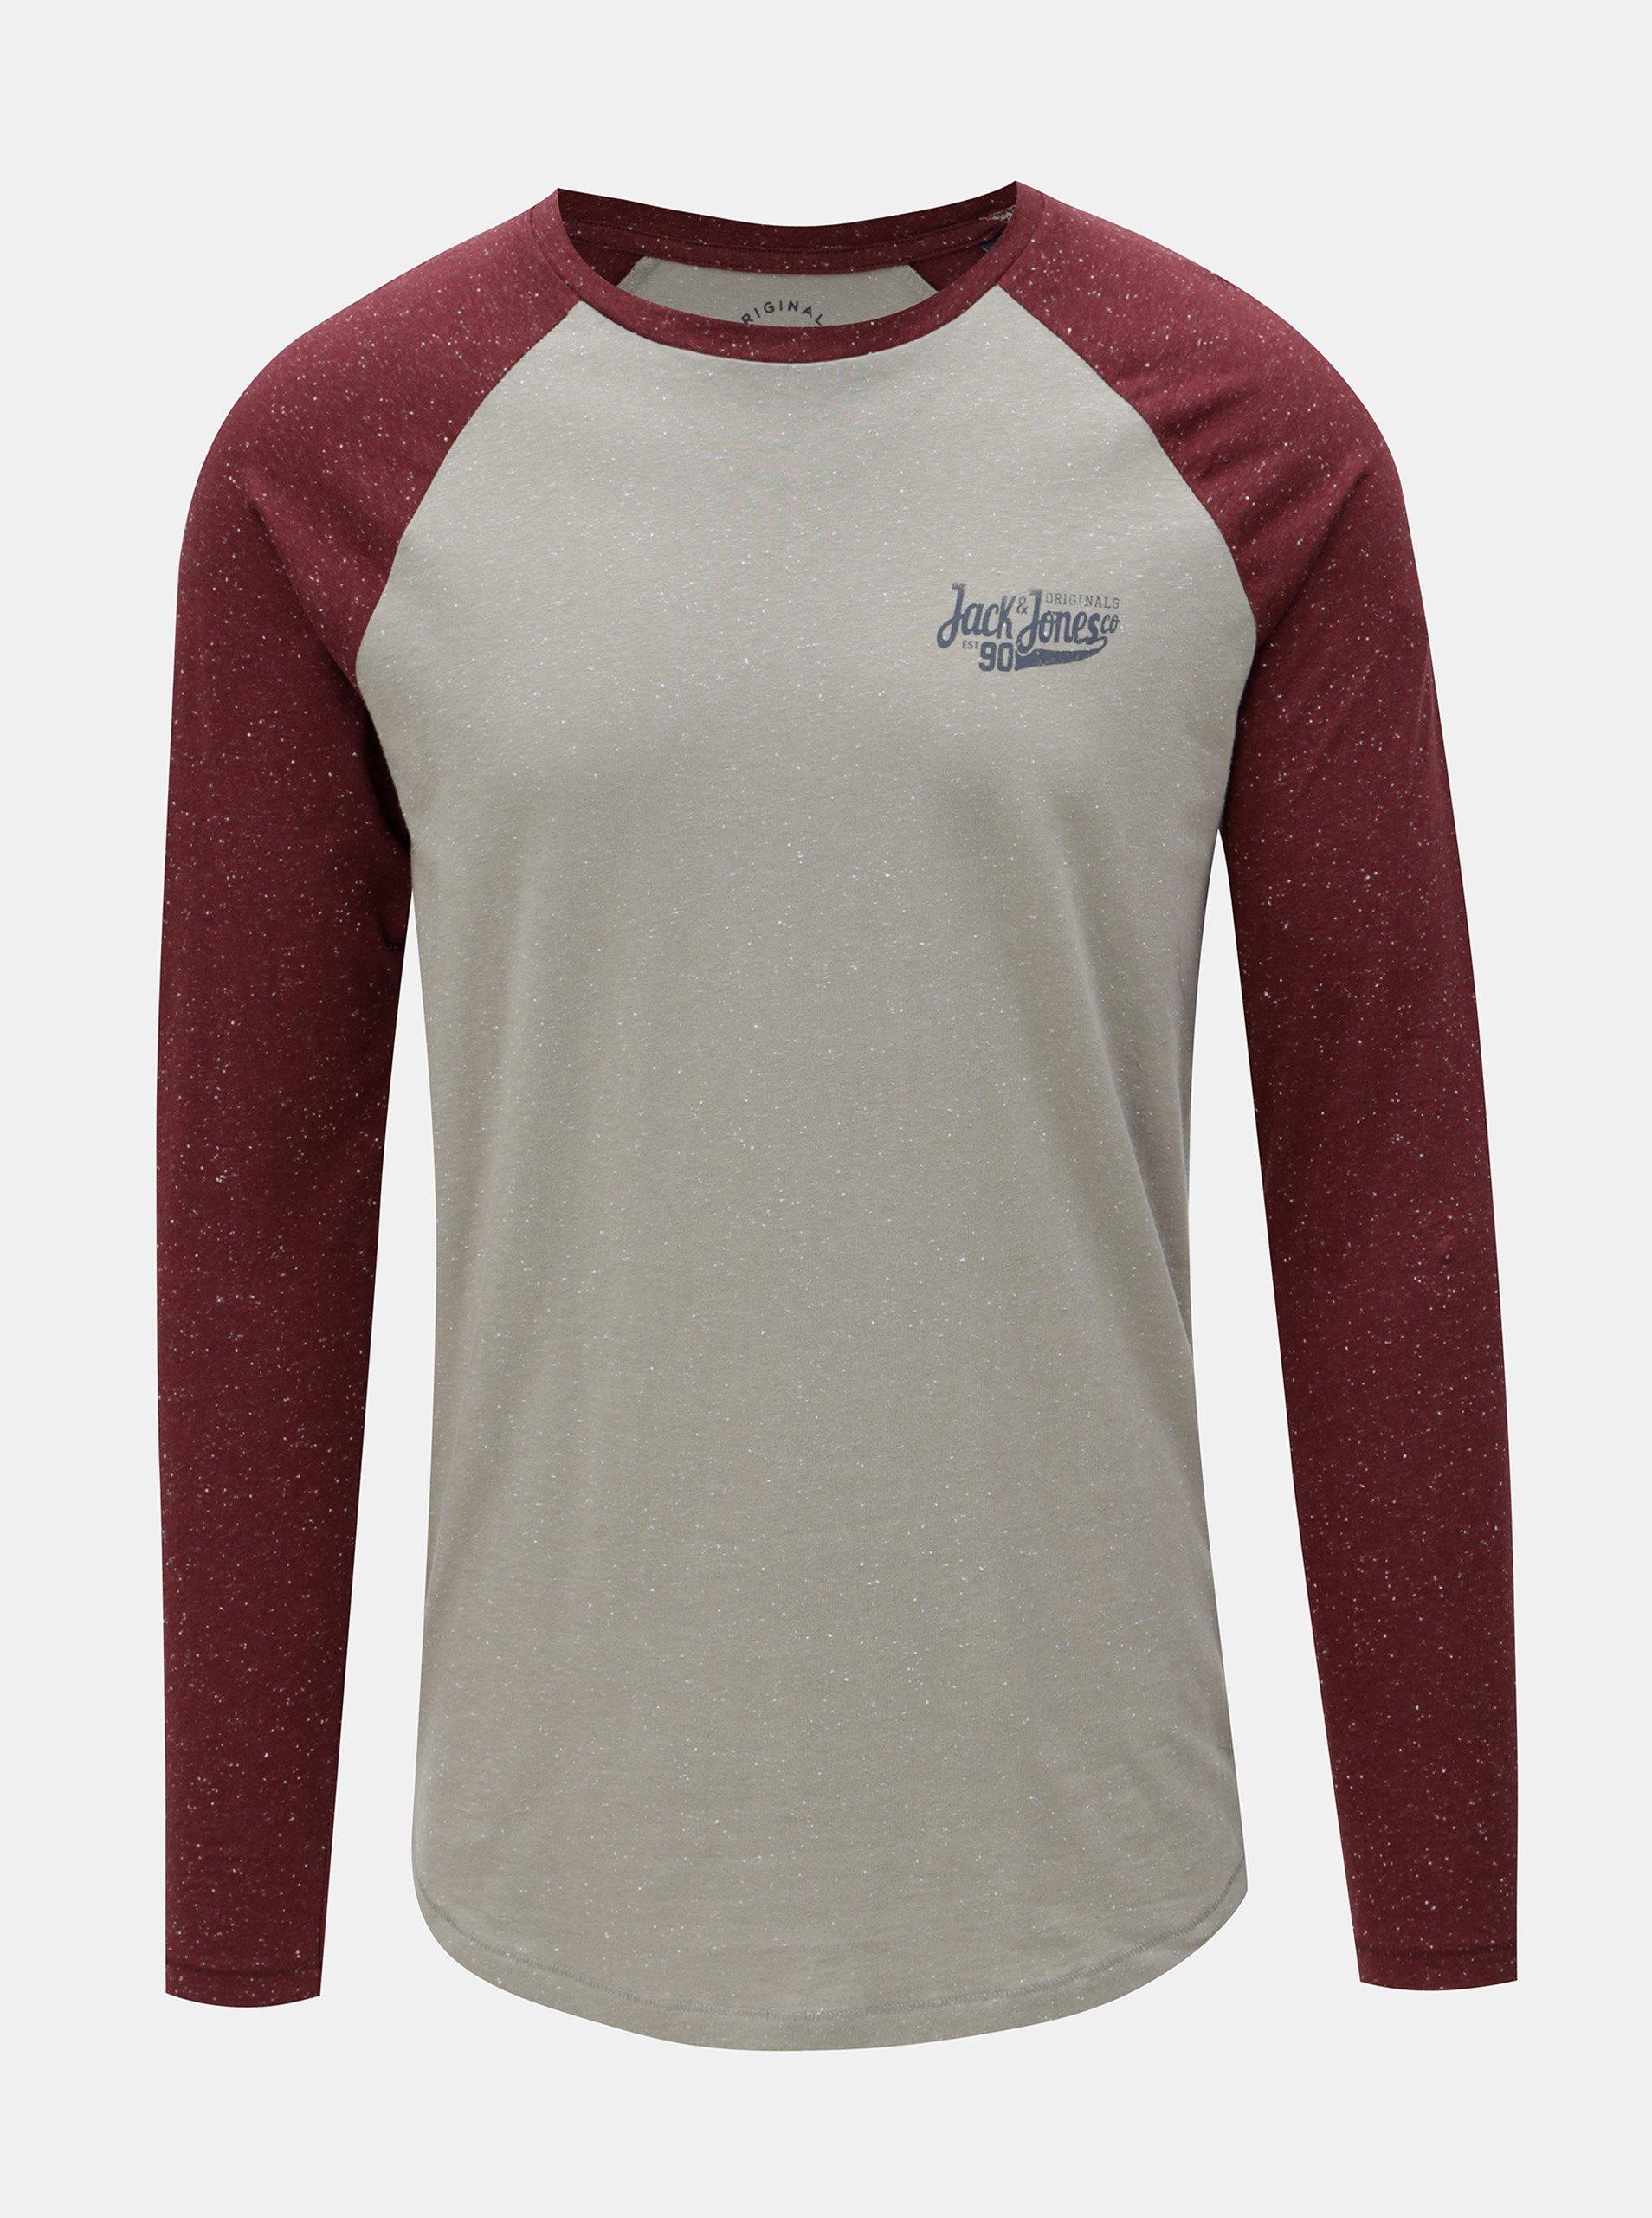 25518685dc89 Vínovo-šedé pánské lehce žíhané tričko s potiskem Jack   Jones